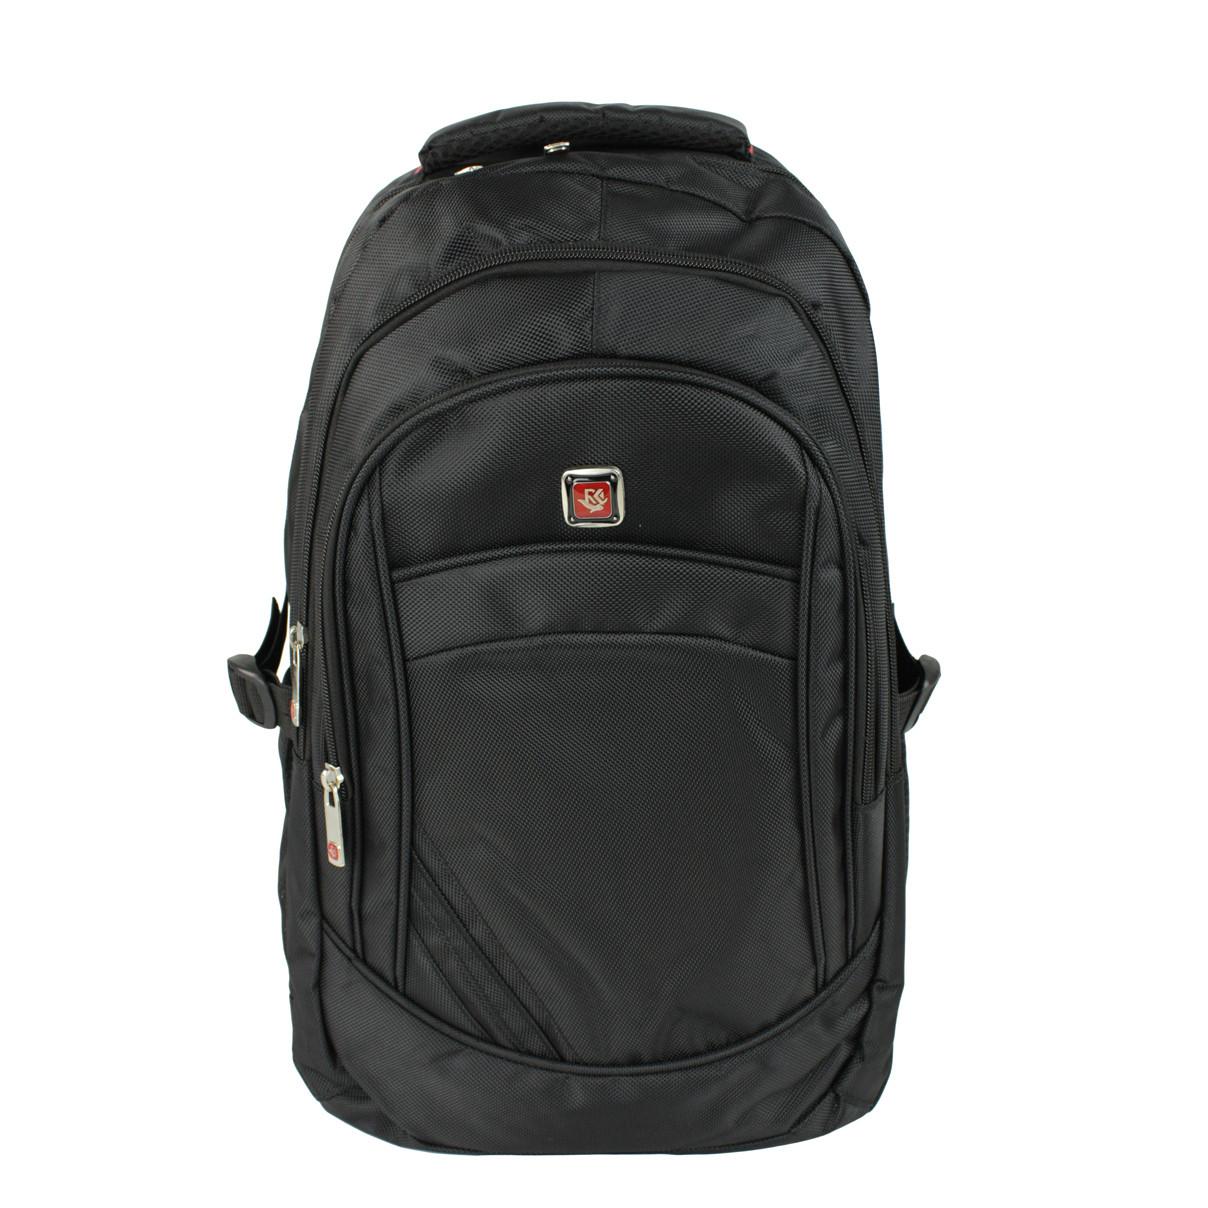 Рюкзак городской молодежный тканевый Medium черный